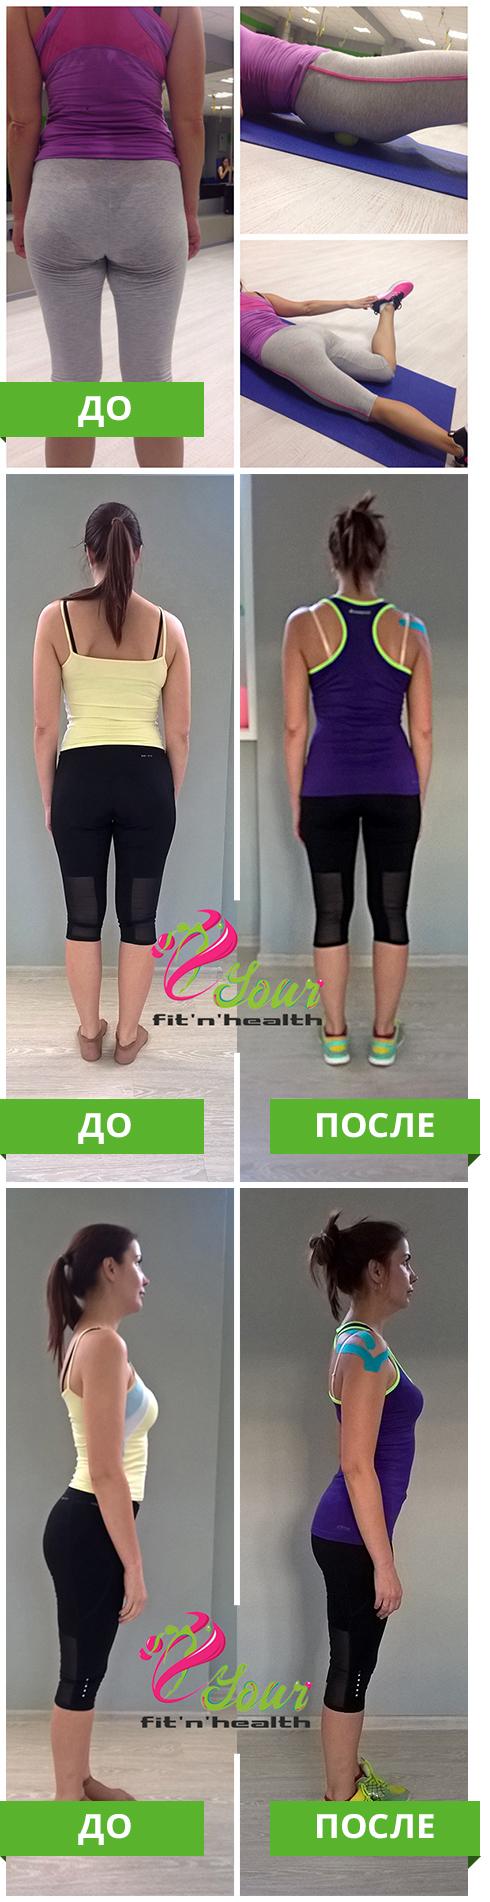 Фитнес - тестирование результаты